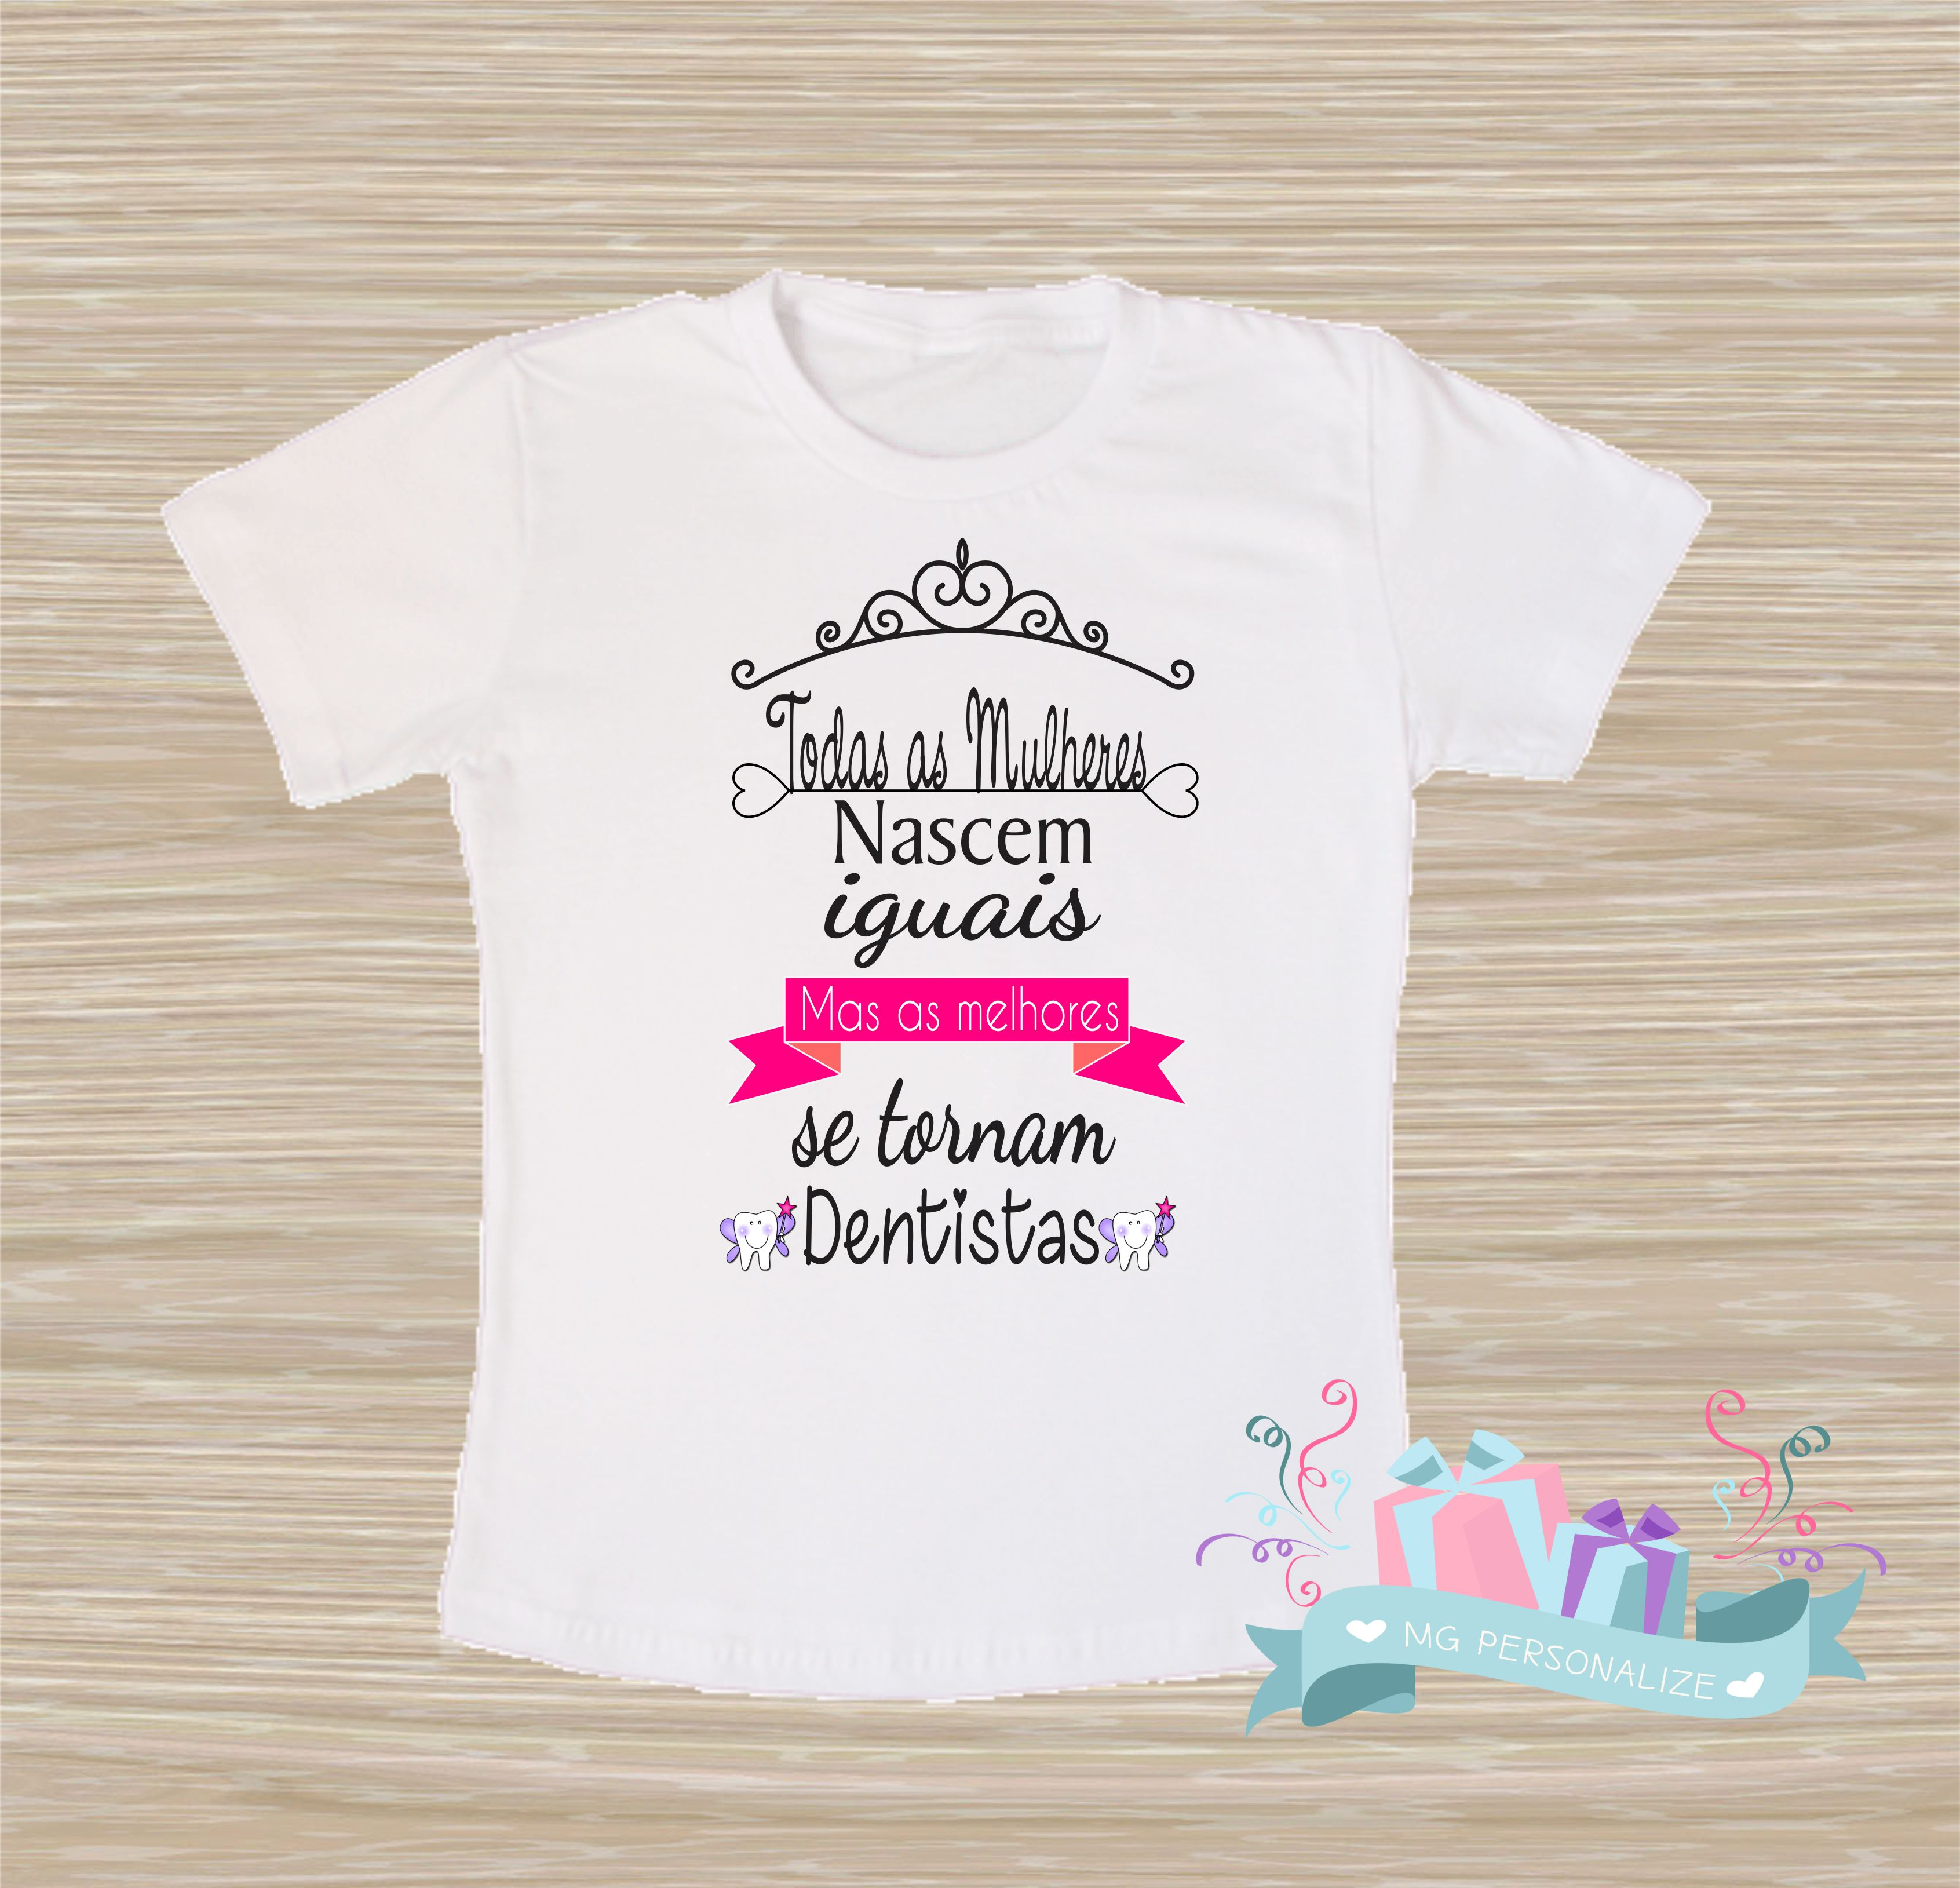 Camiseta Dentista  f32f4d1708d